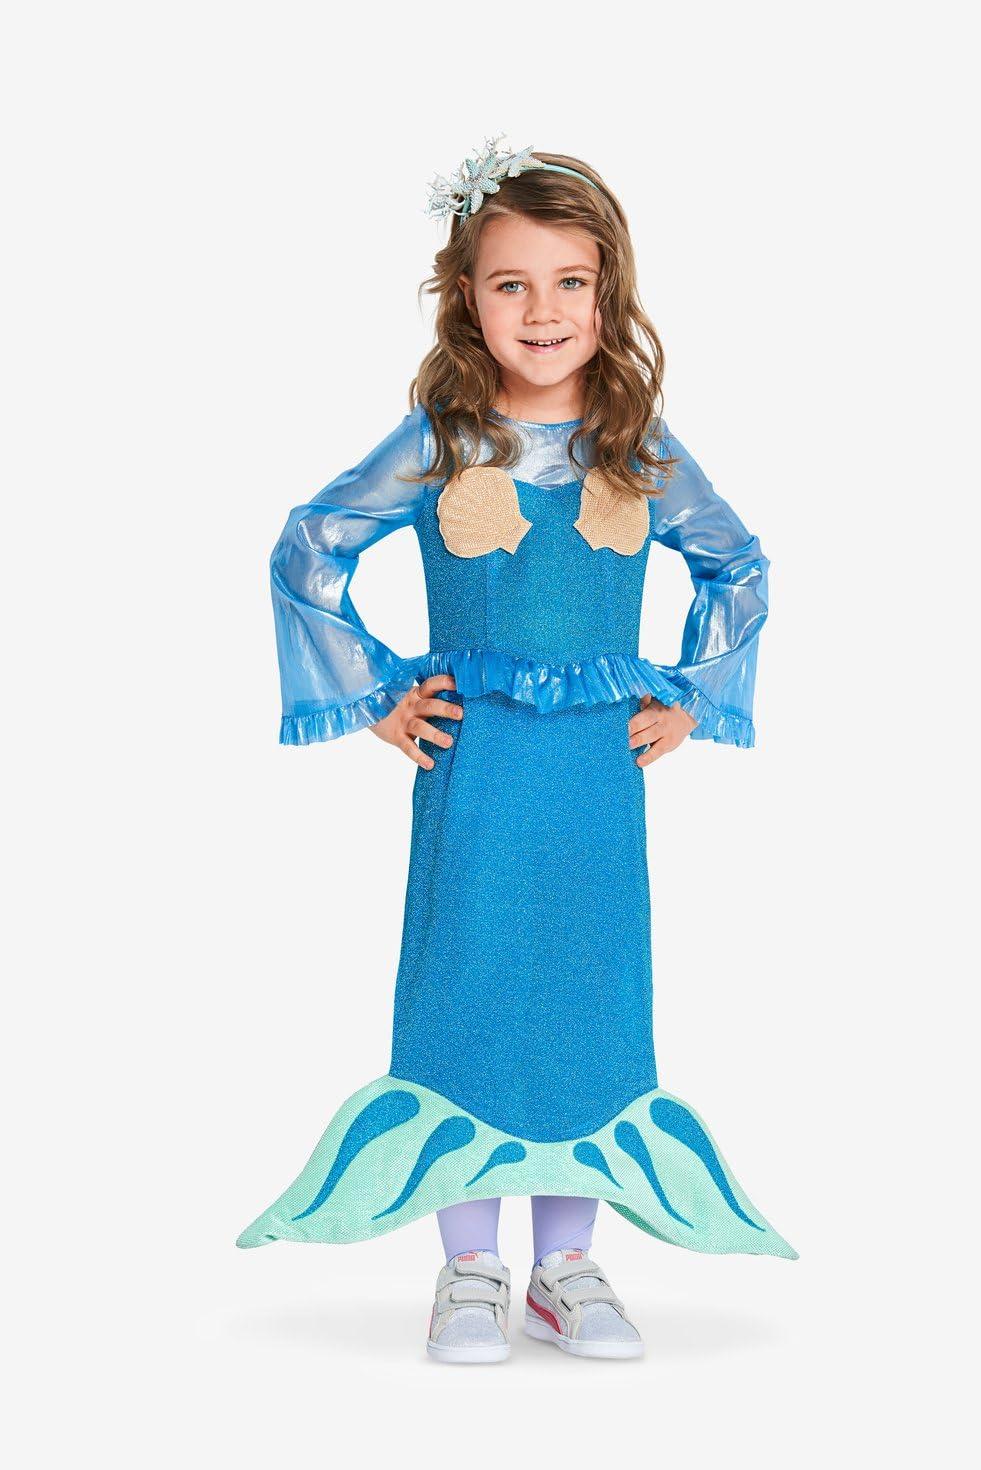 Burda Patron 2352 Prinzessin und Meerjungfrau Kost/üm f/ür Kinder von 104-134 cm